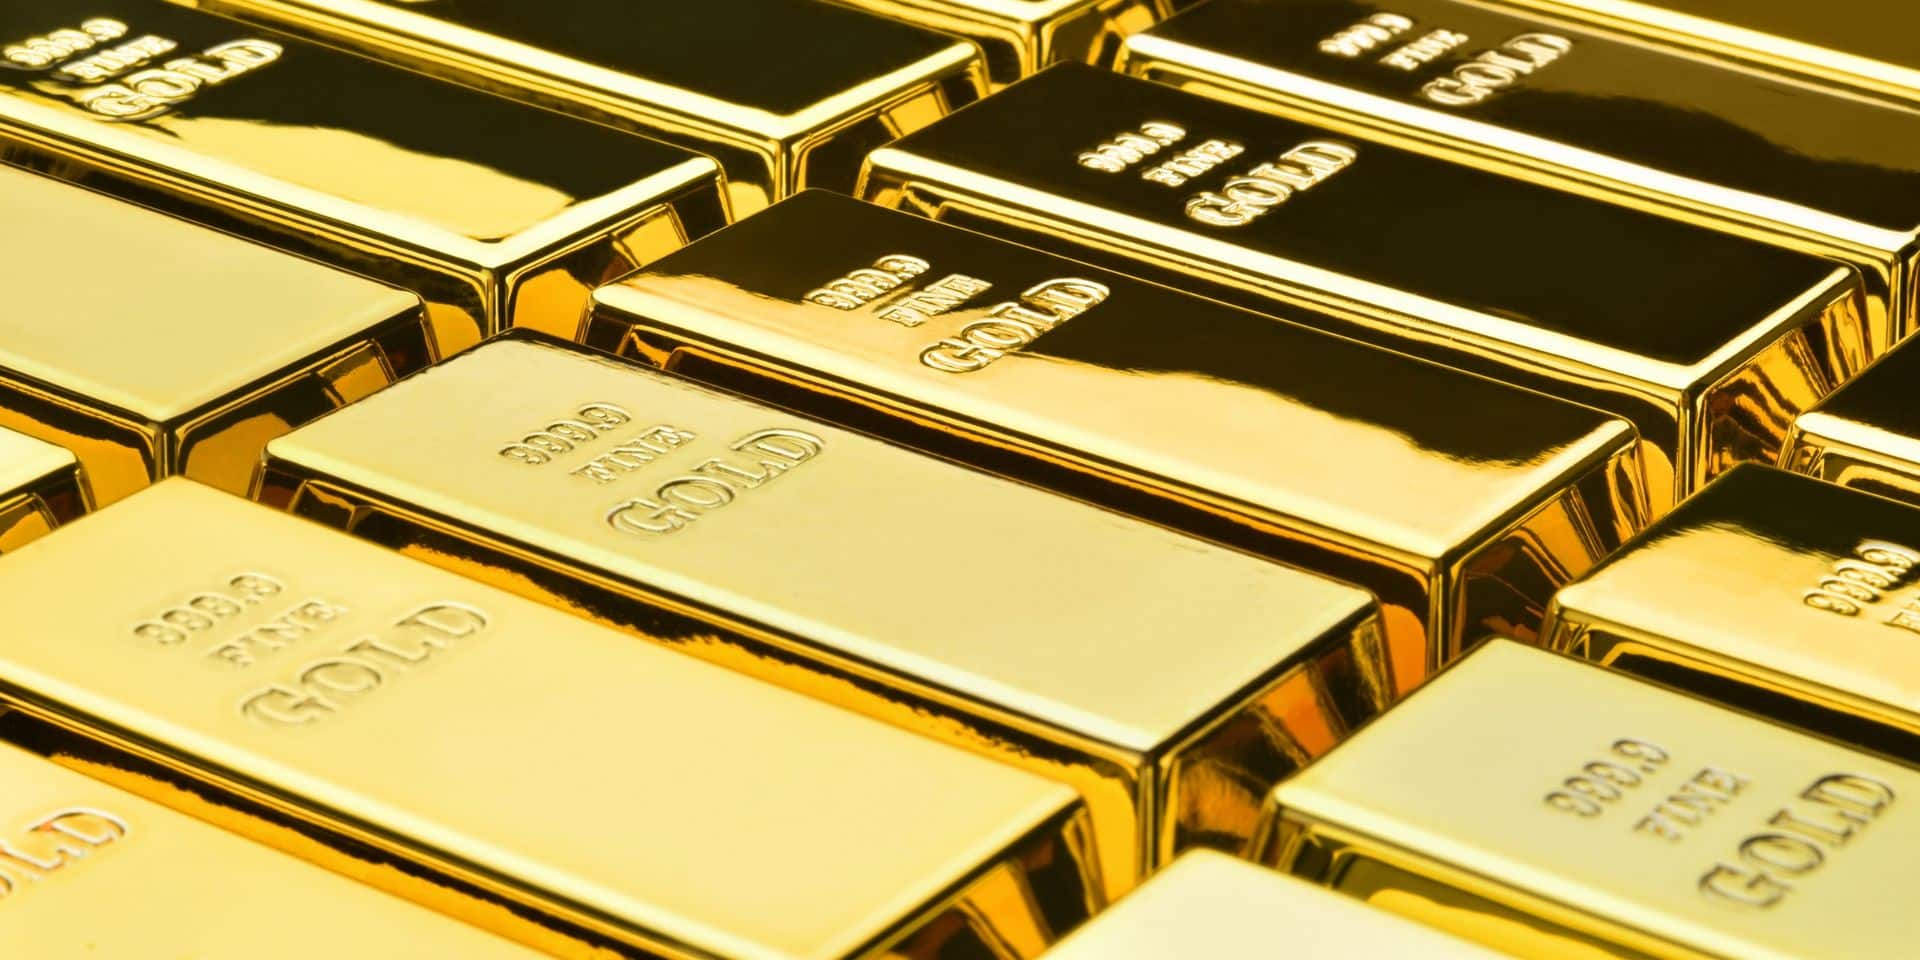 Le prix de l'or bondit à son plus haut niveau depuis trois mois